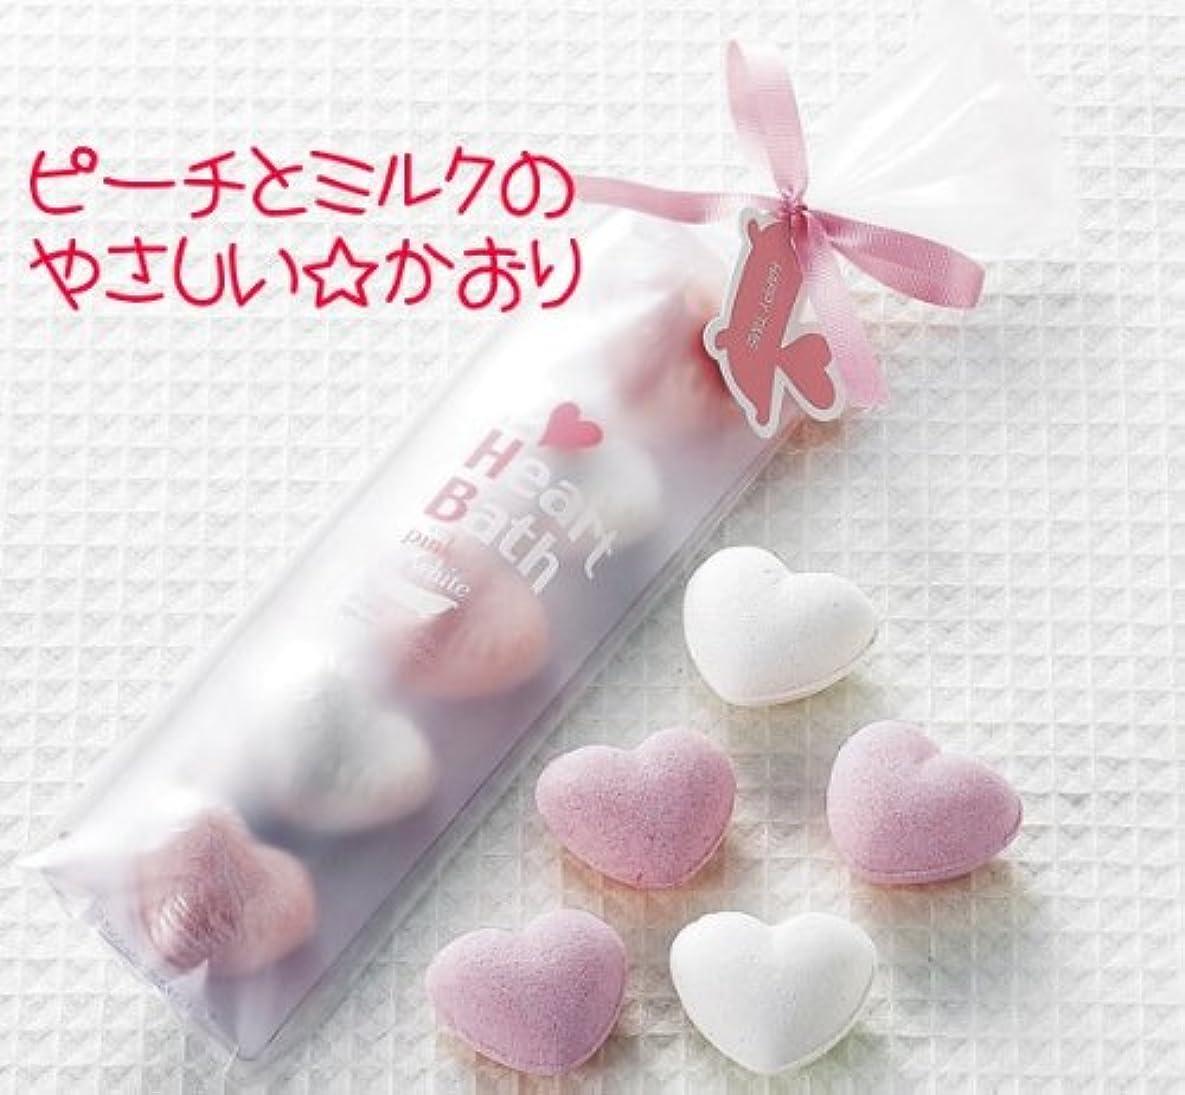 気取らない異常な悪いハートの入浴剤 ピーチ&ミルク【結婚式 二次会 プチギフト】